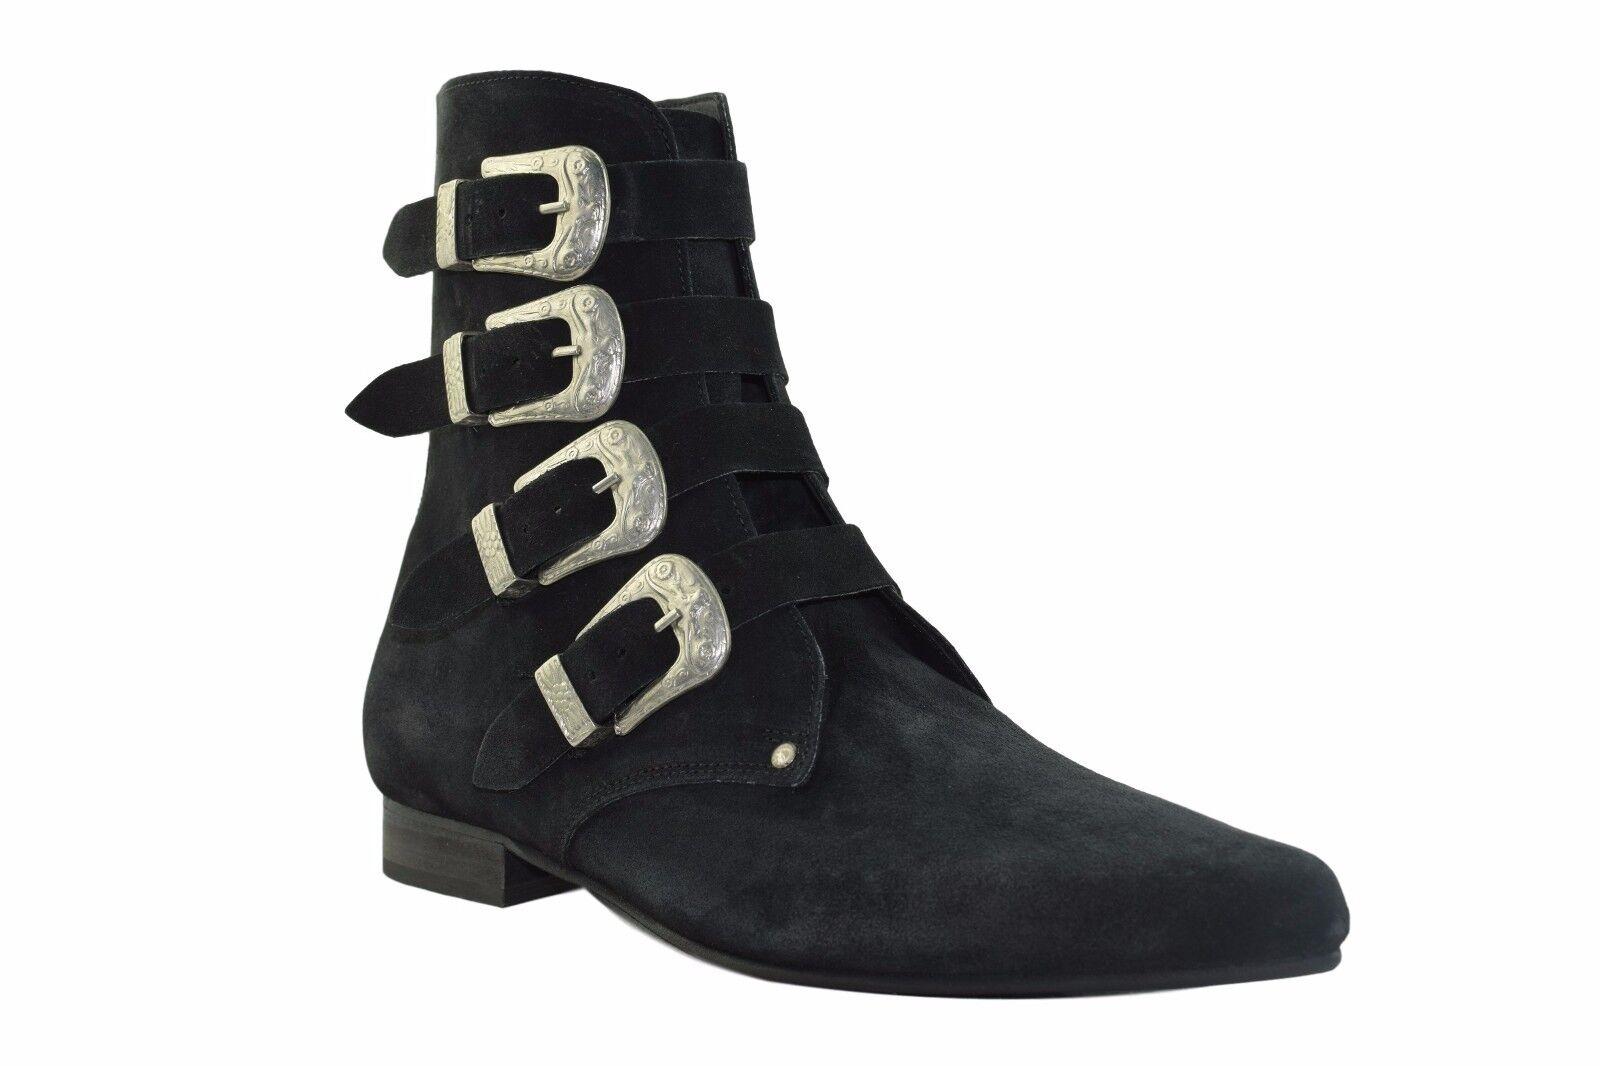 Steel Ground schwarz Suede Winklepicker Rock Ankle Stiefel 4 Straps Western Buckle